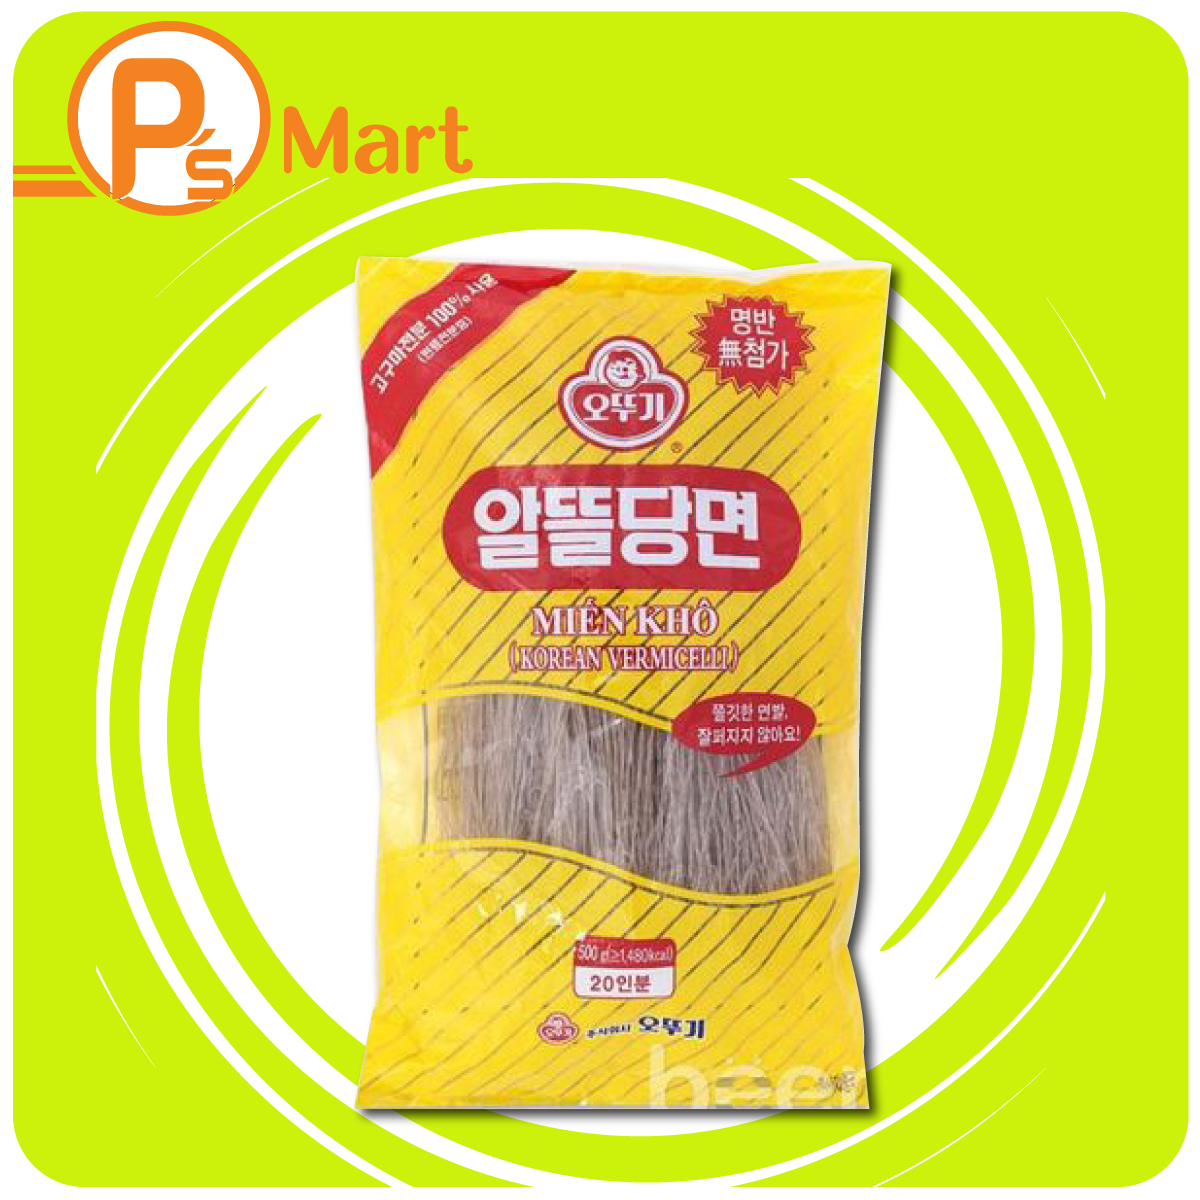 Miến khô Ottogi Hàn Quốc 500g